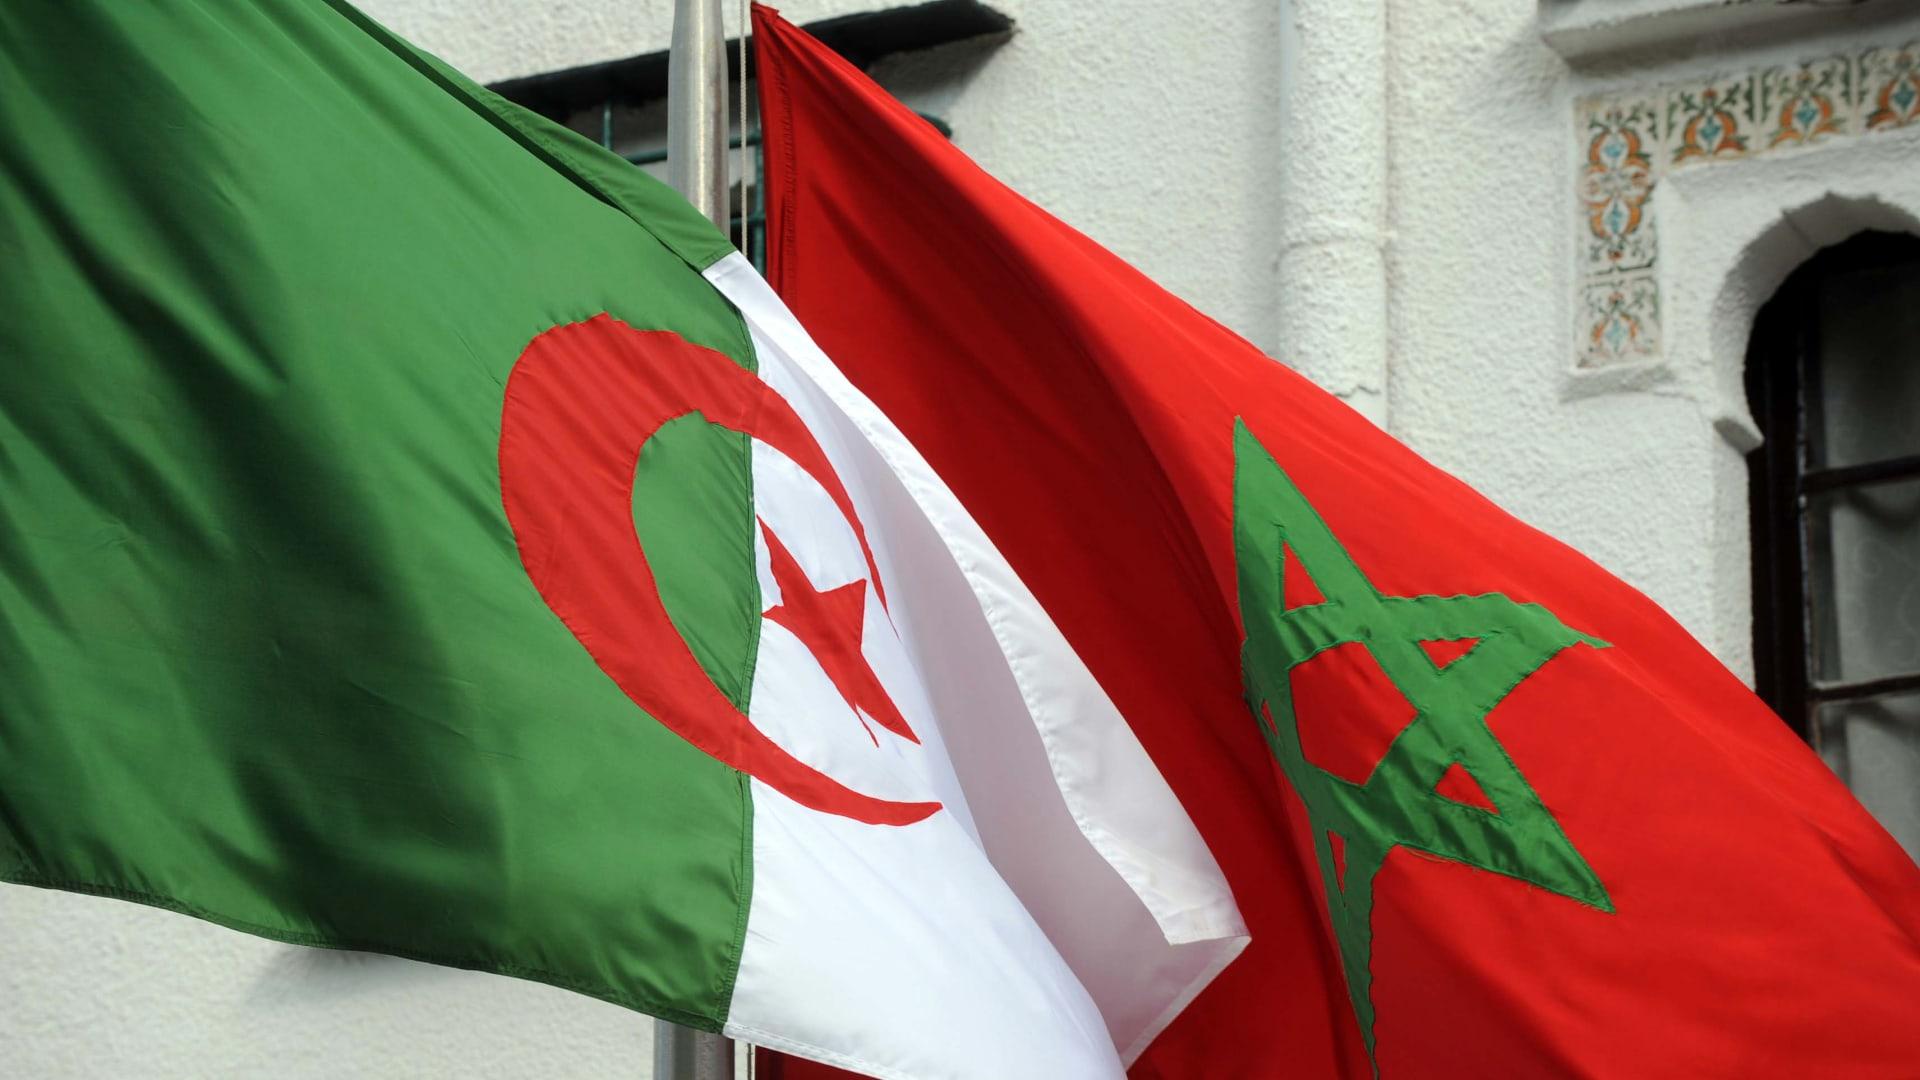 في حديثه لـCNN.. وزير خارجية الجزائر يعلق على تدخل مصر والسعودية لحل الخلاف مع المغرب